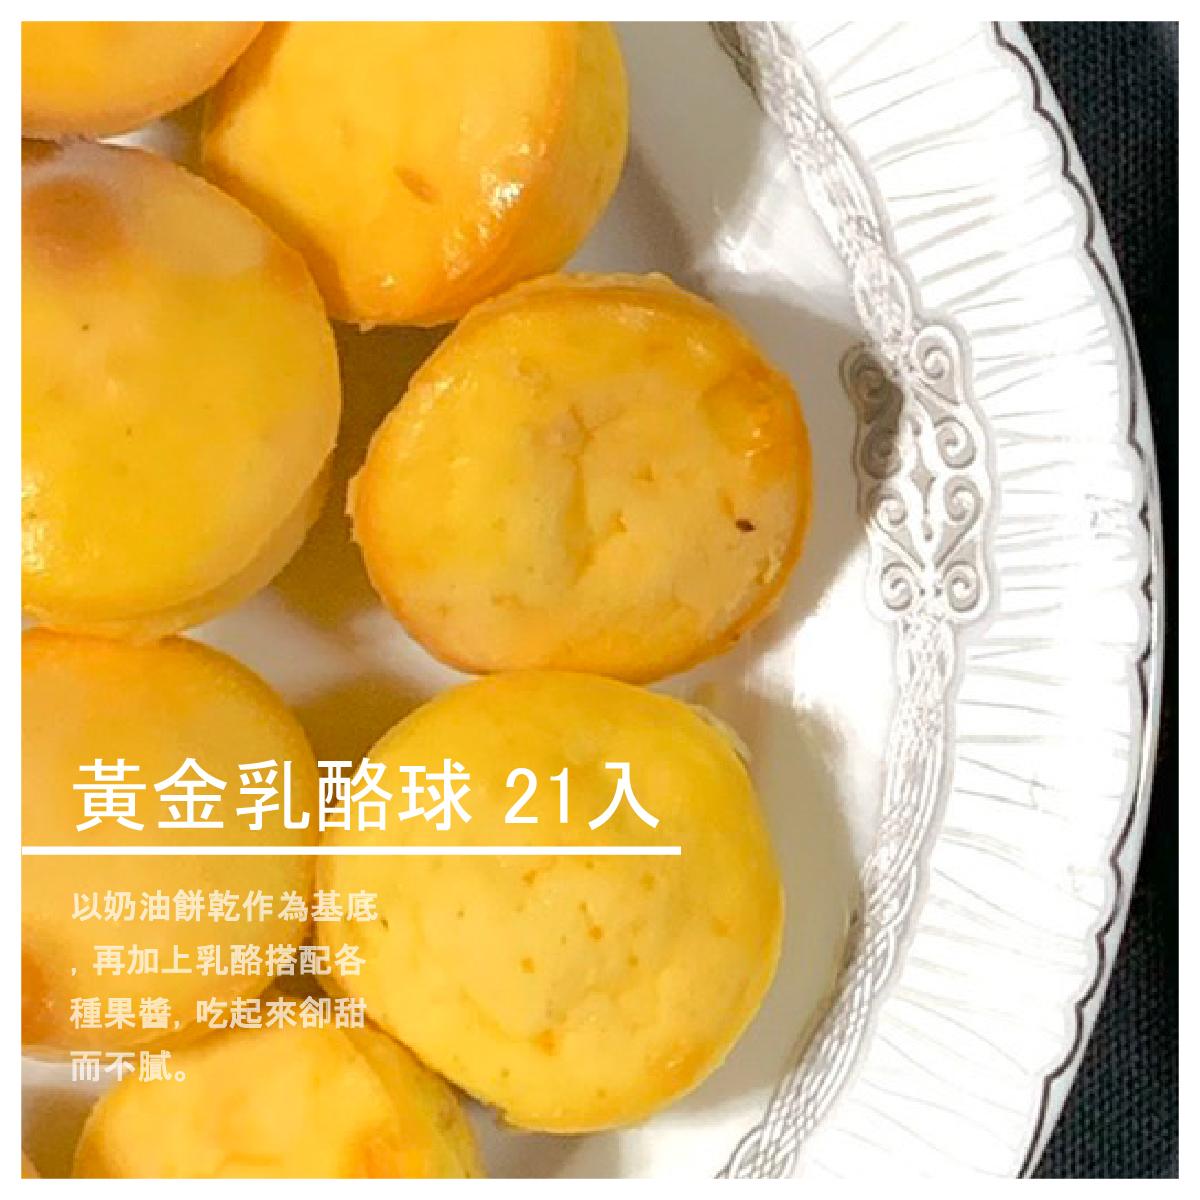 【迷乳酪烘焙屋】黃金乳酪球 21入